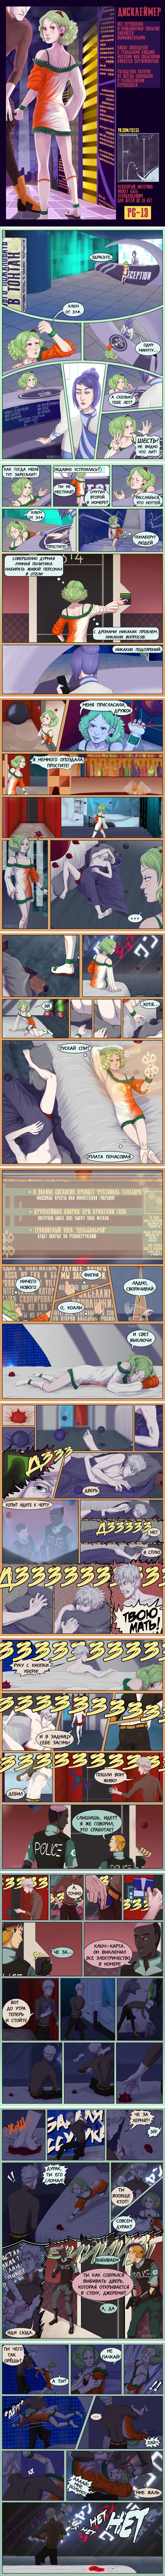 FCL-55 Комиксы, Веб-Комикс, Авторский комикс, Fcl-55, Sci-Fi, Длиннопост